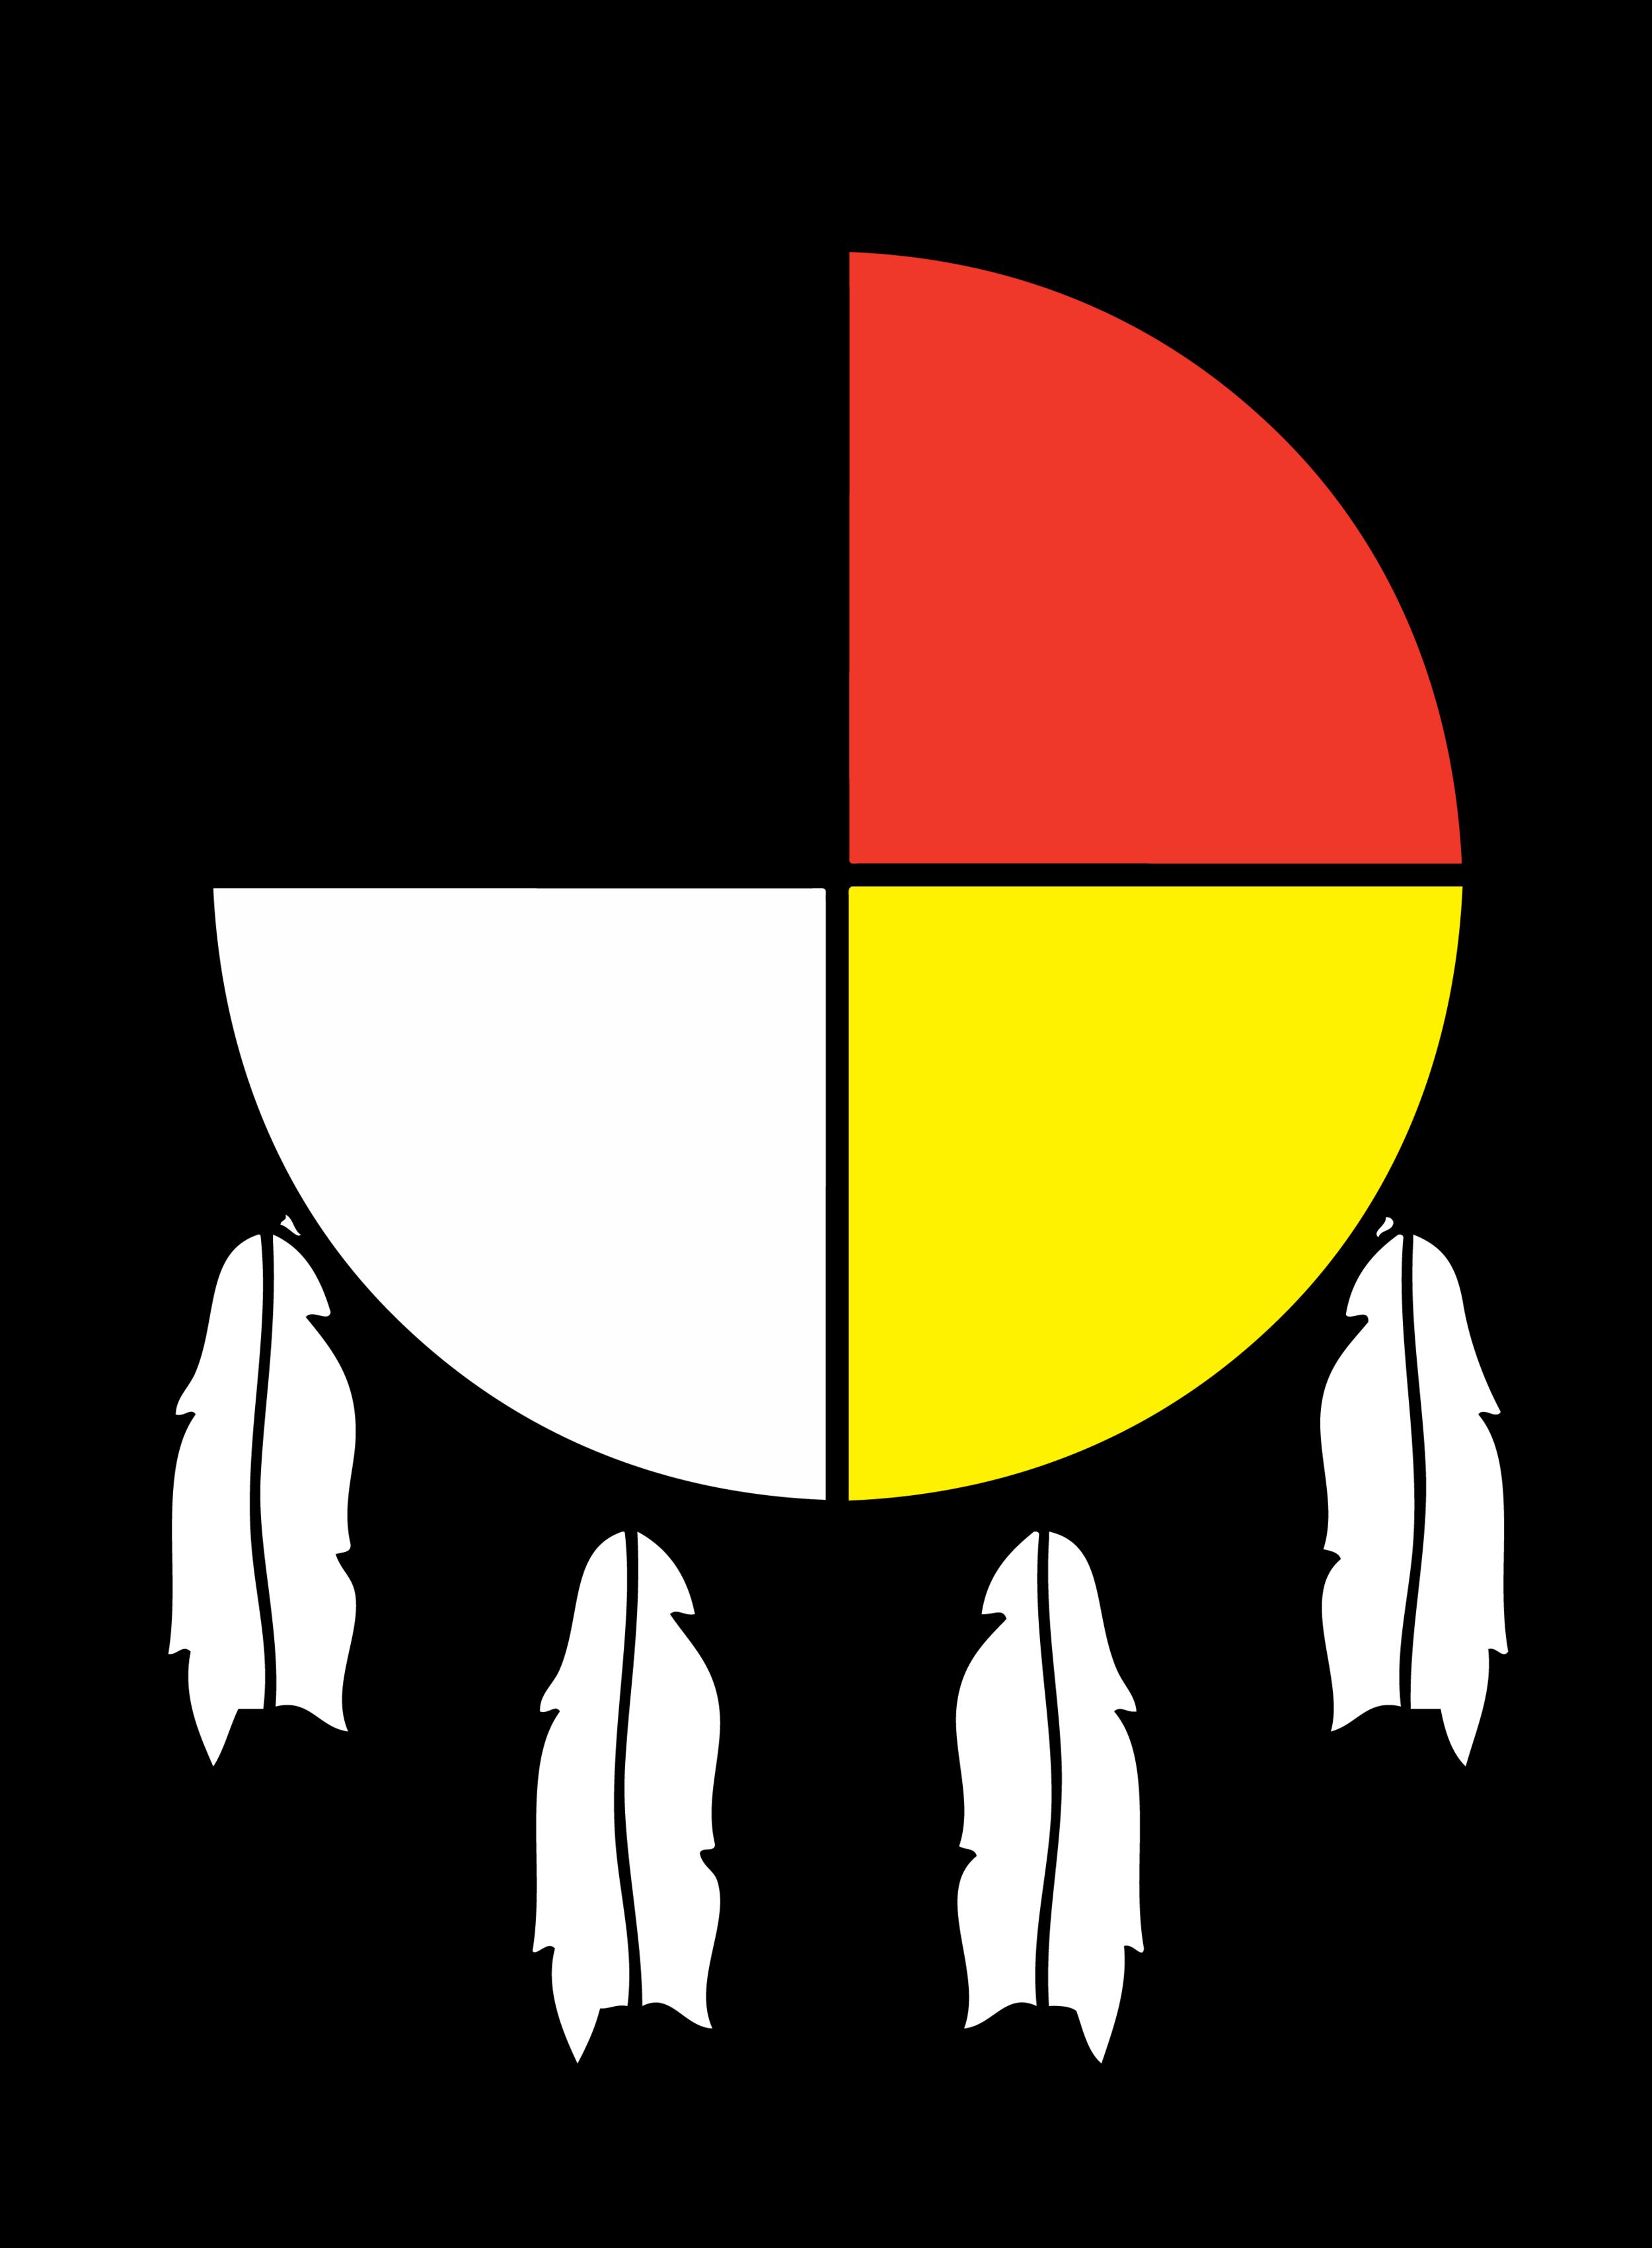 NAYA-logo_Color_transparent background.png